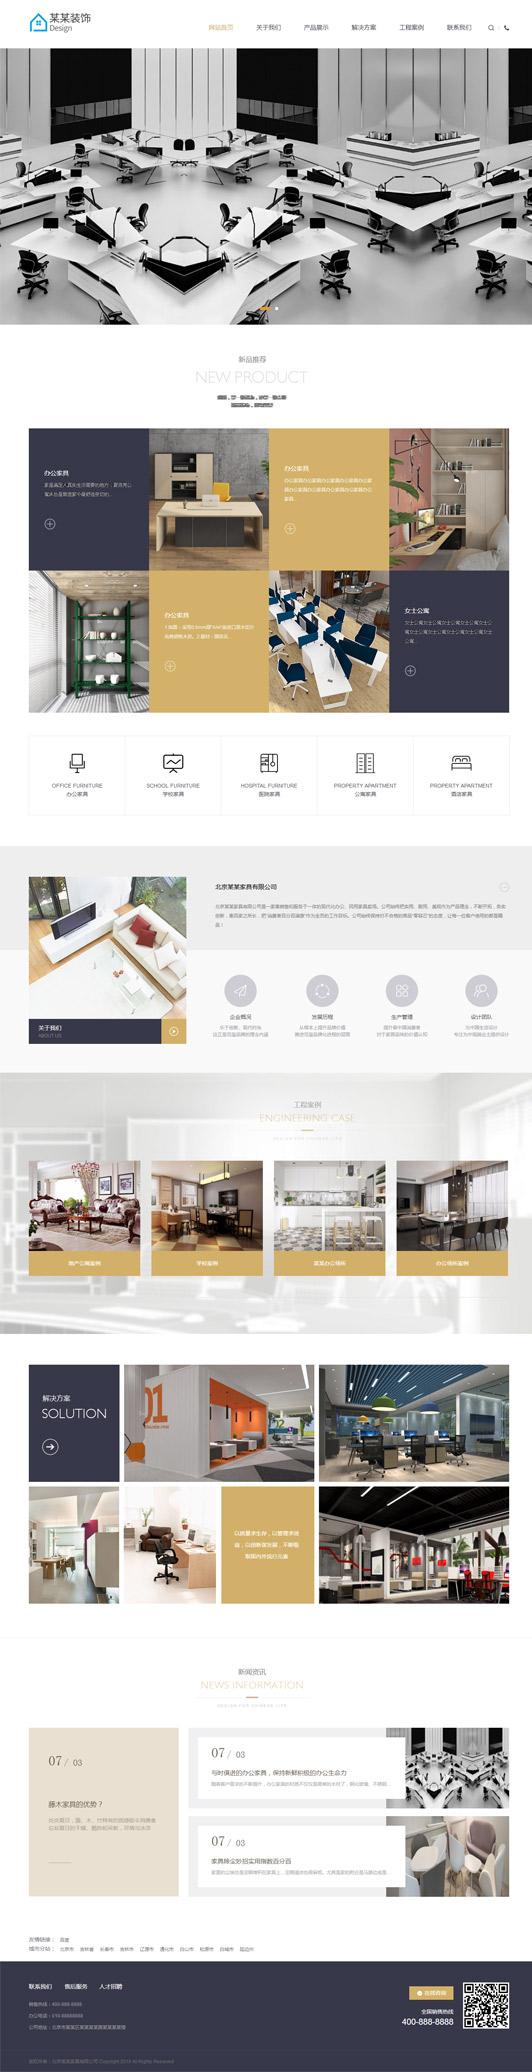 家具装饰公司网站通用模板